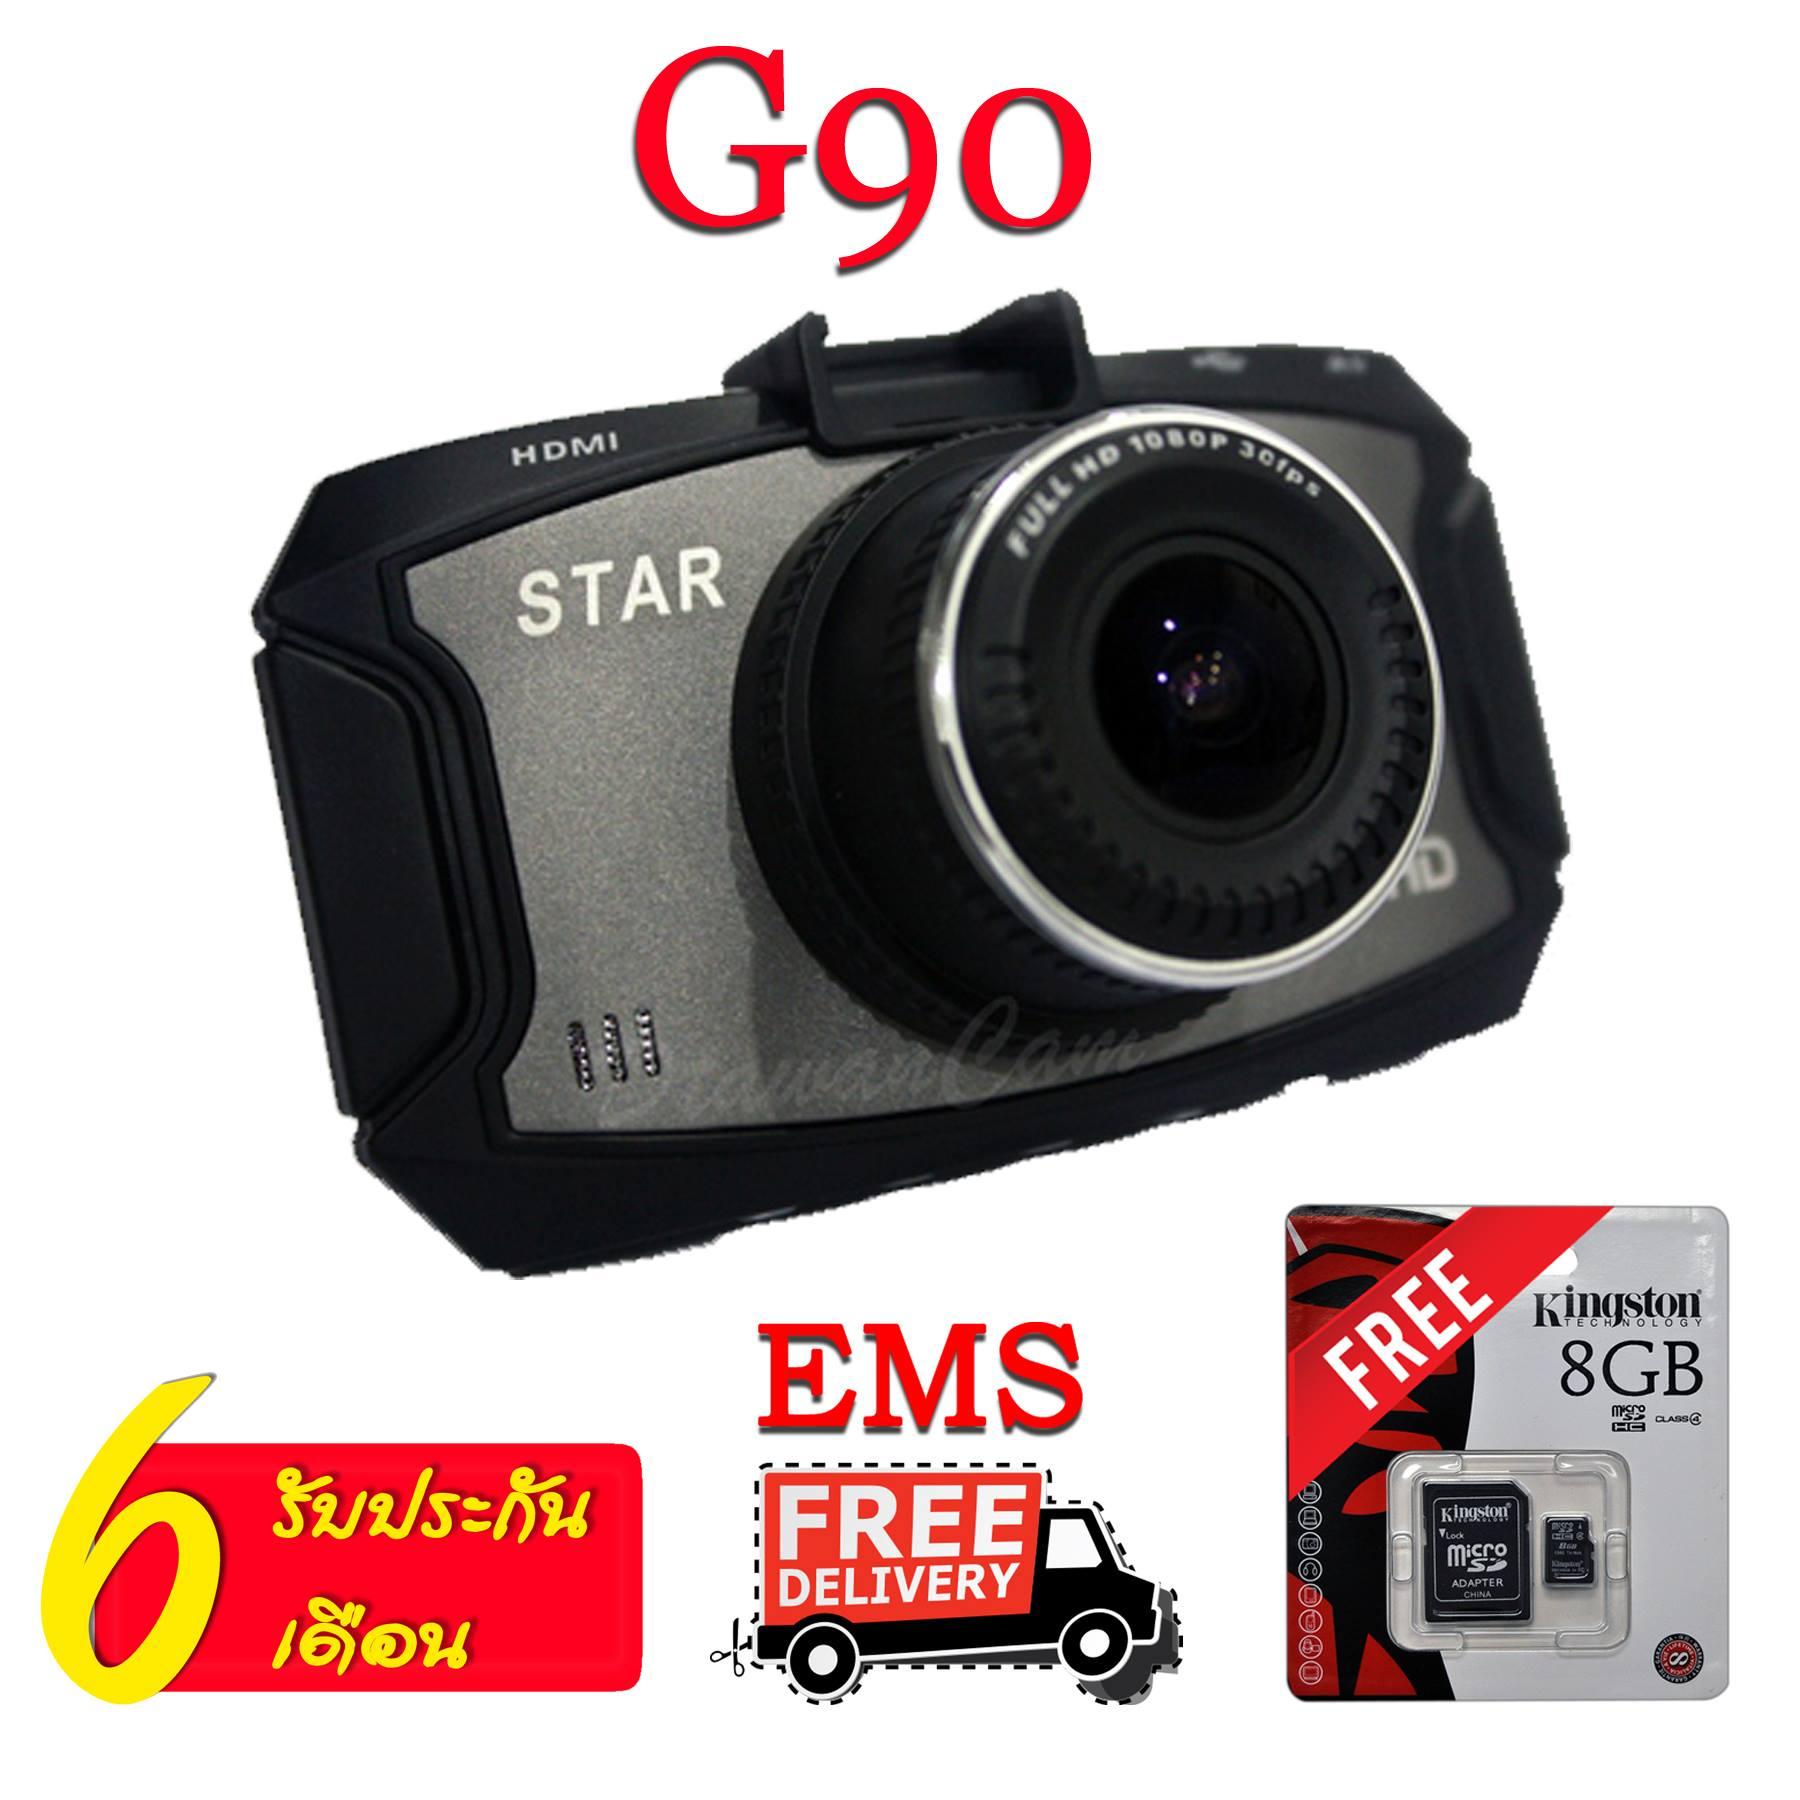 กล้องติดรถยนต์ G90 เลนส์โต รูรับแสงกว้าง กลางคืนคมชัดสุดๆ พิเศษสุดกับปุ่มฉุกเฉิน สั่งล็อคไฟล์ได้ทันทีที่ชน